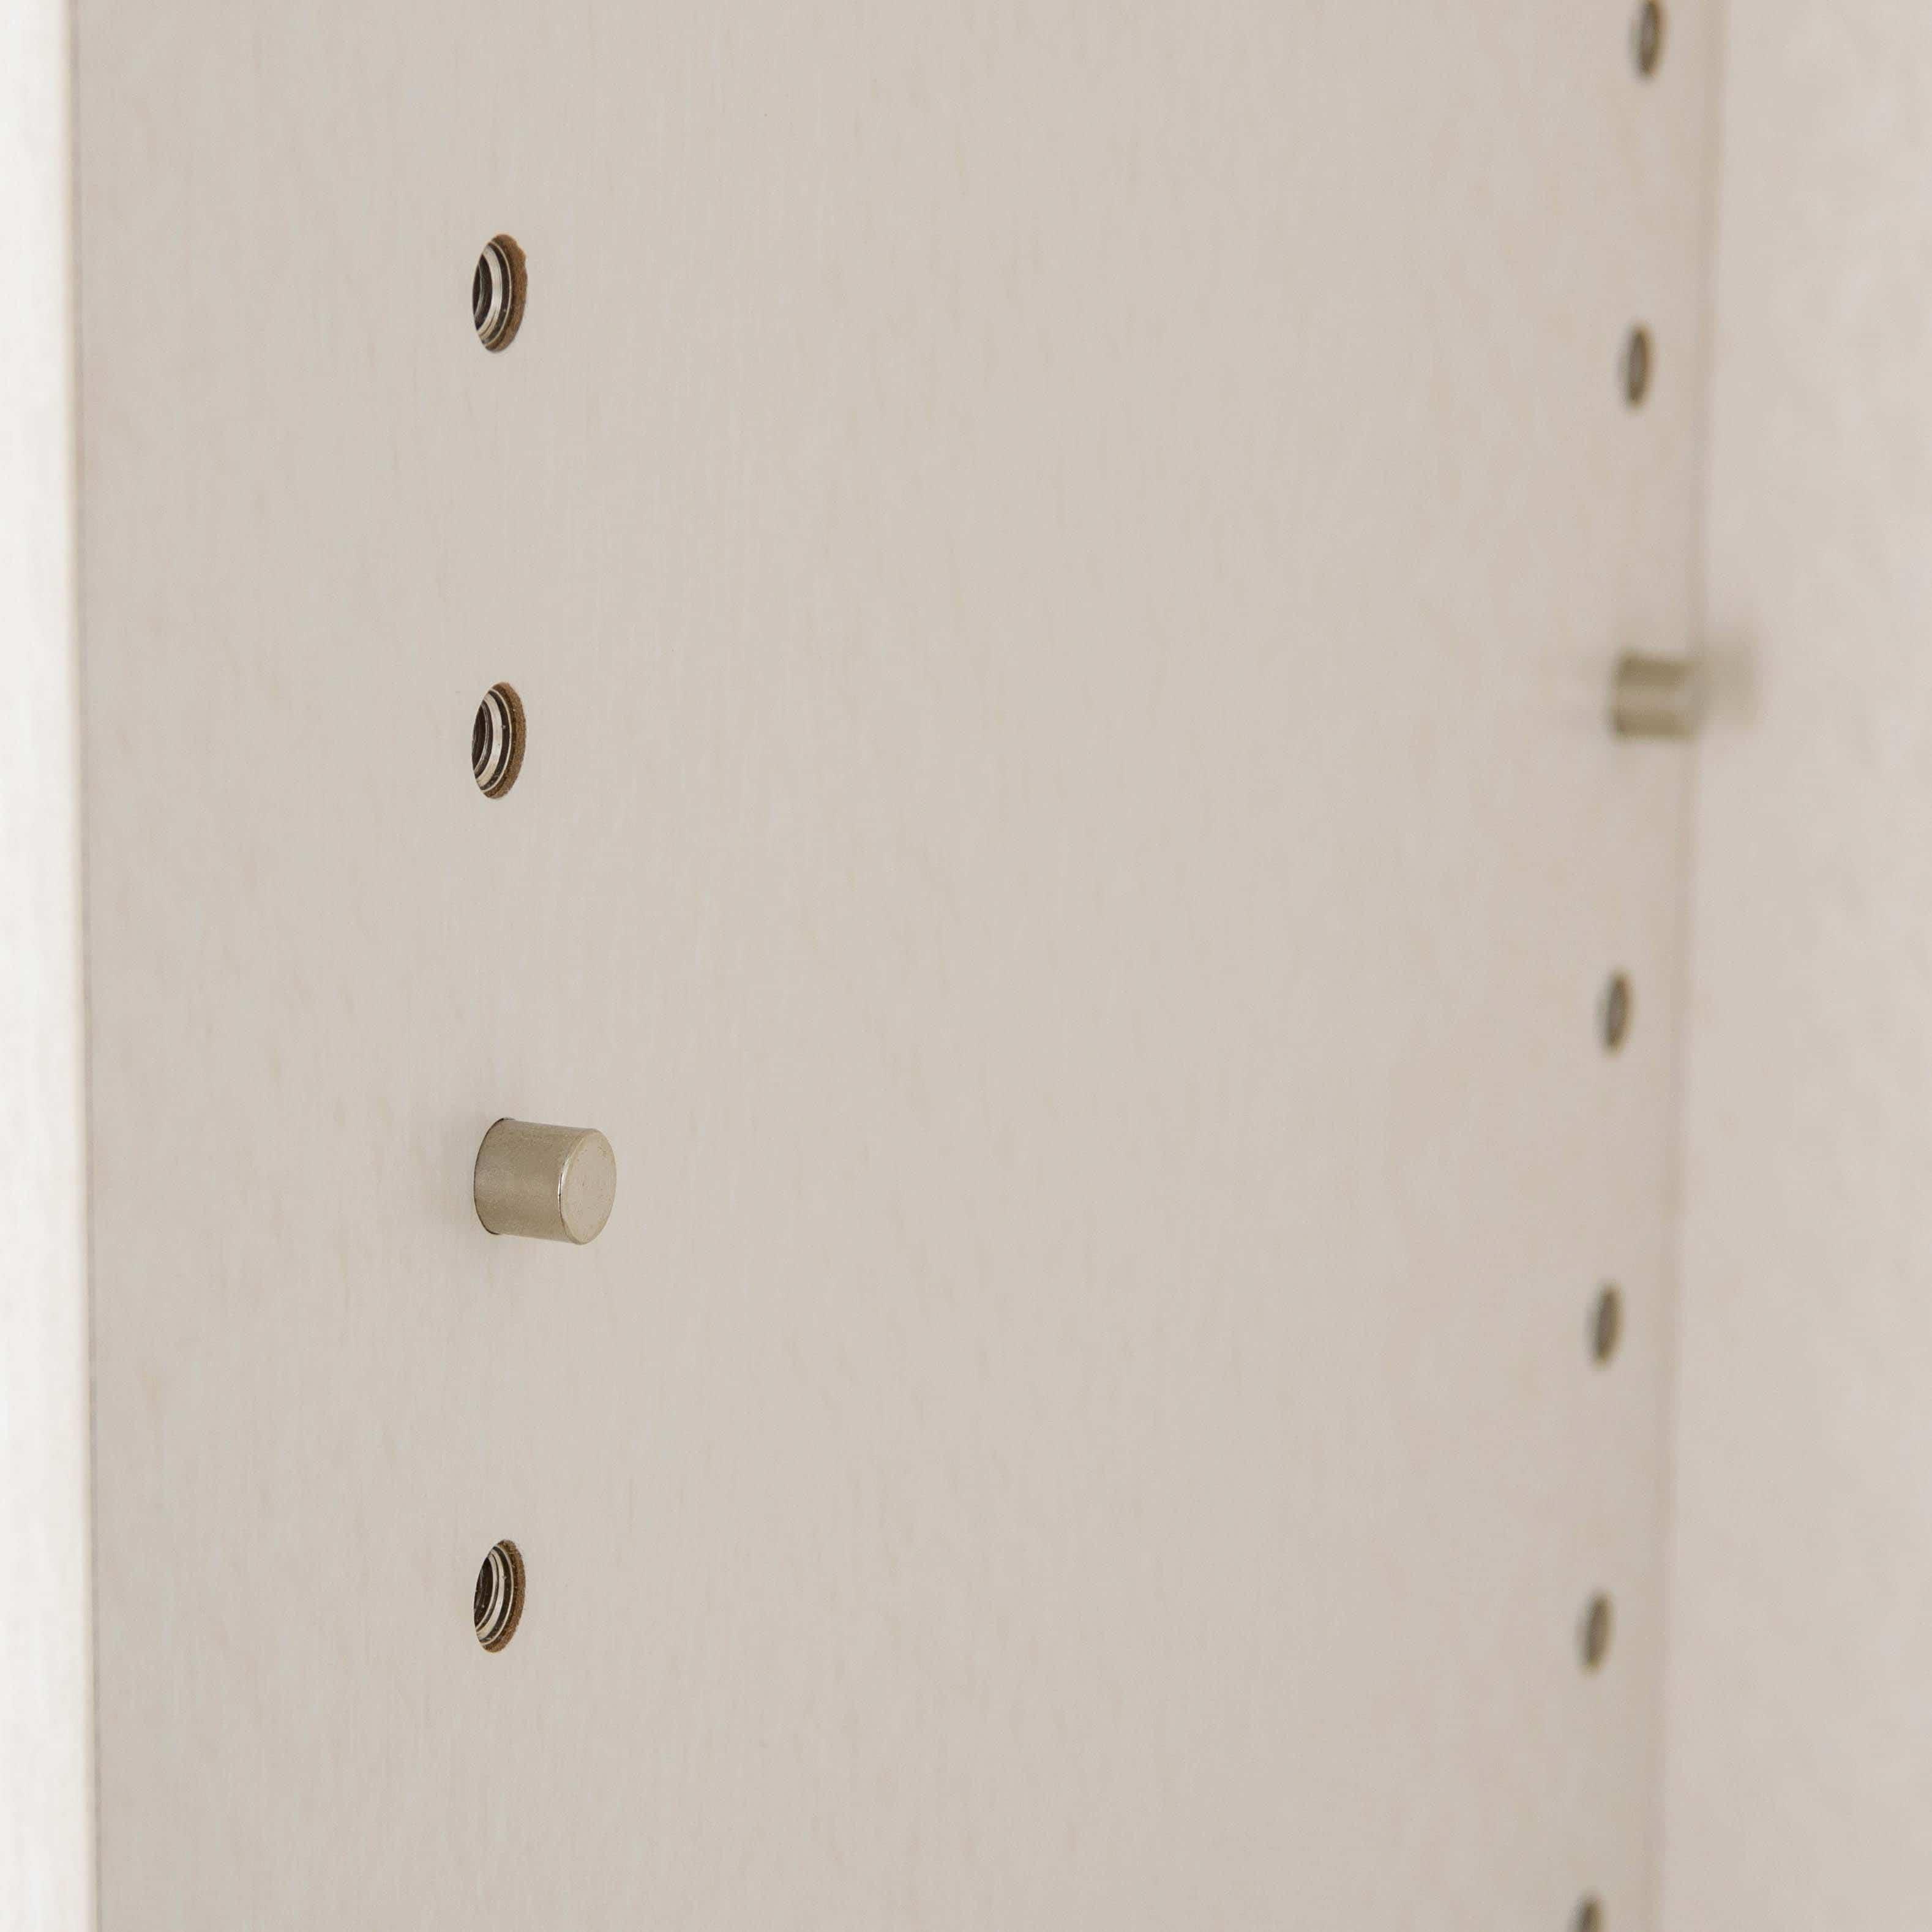 小島工芸 上置 アコード70A(ウォールモカ):キレイに収まる魅せる収納